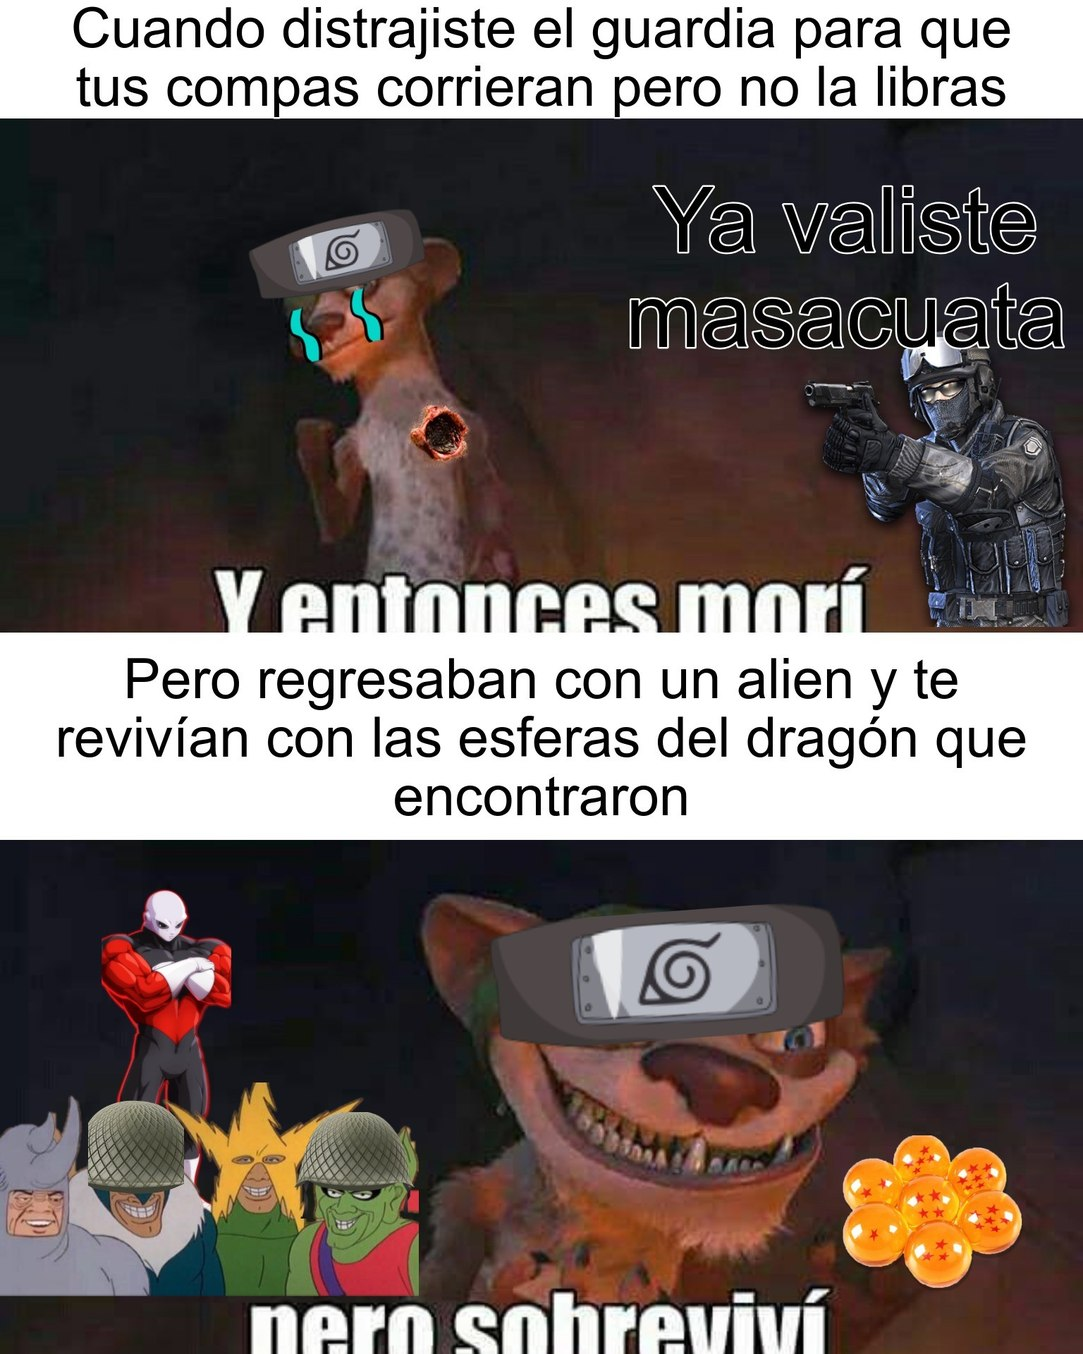 Uy papa - meme